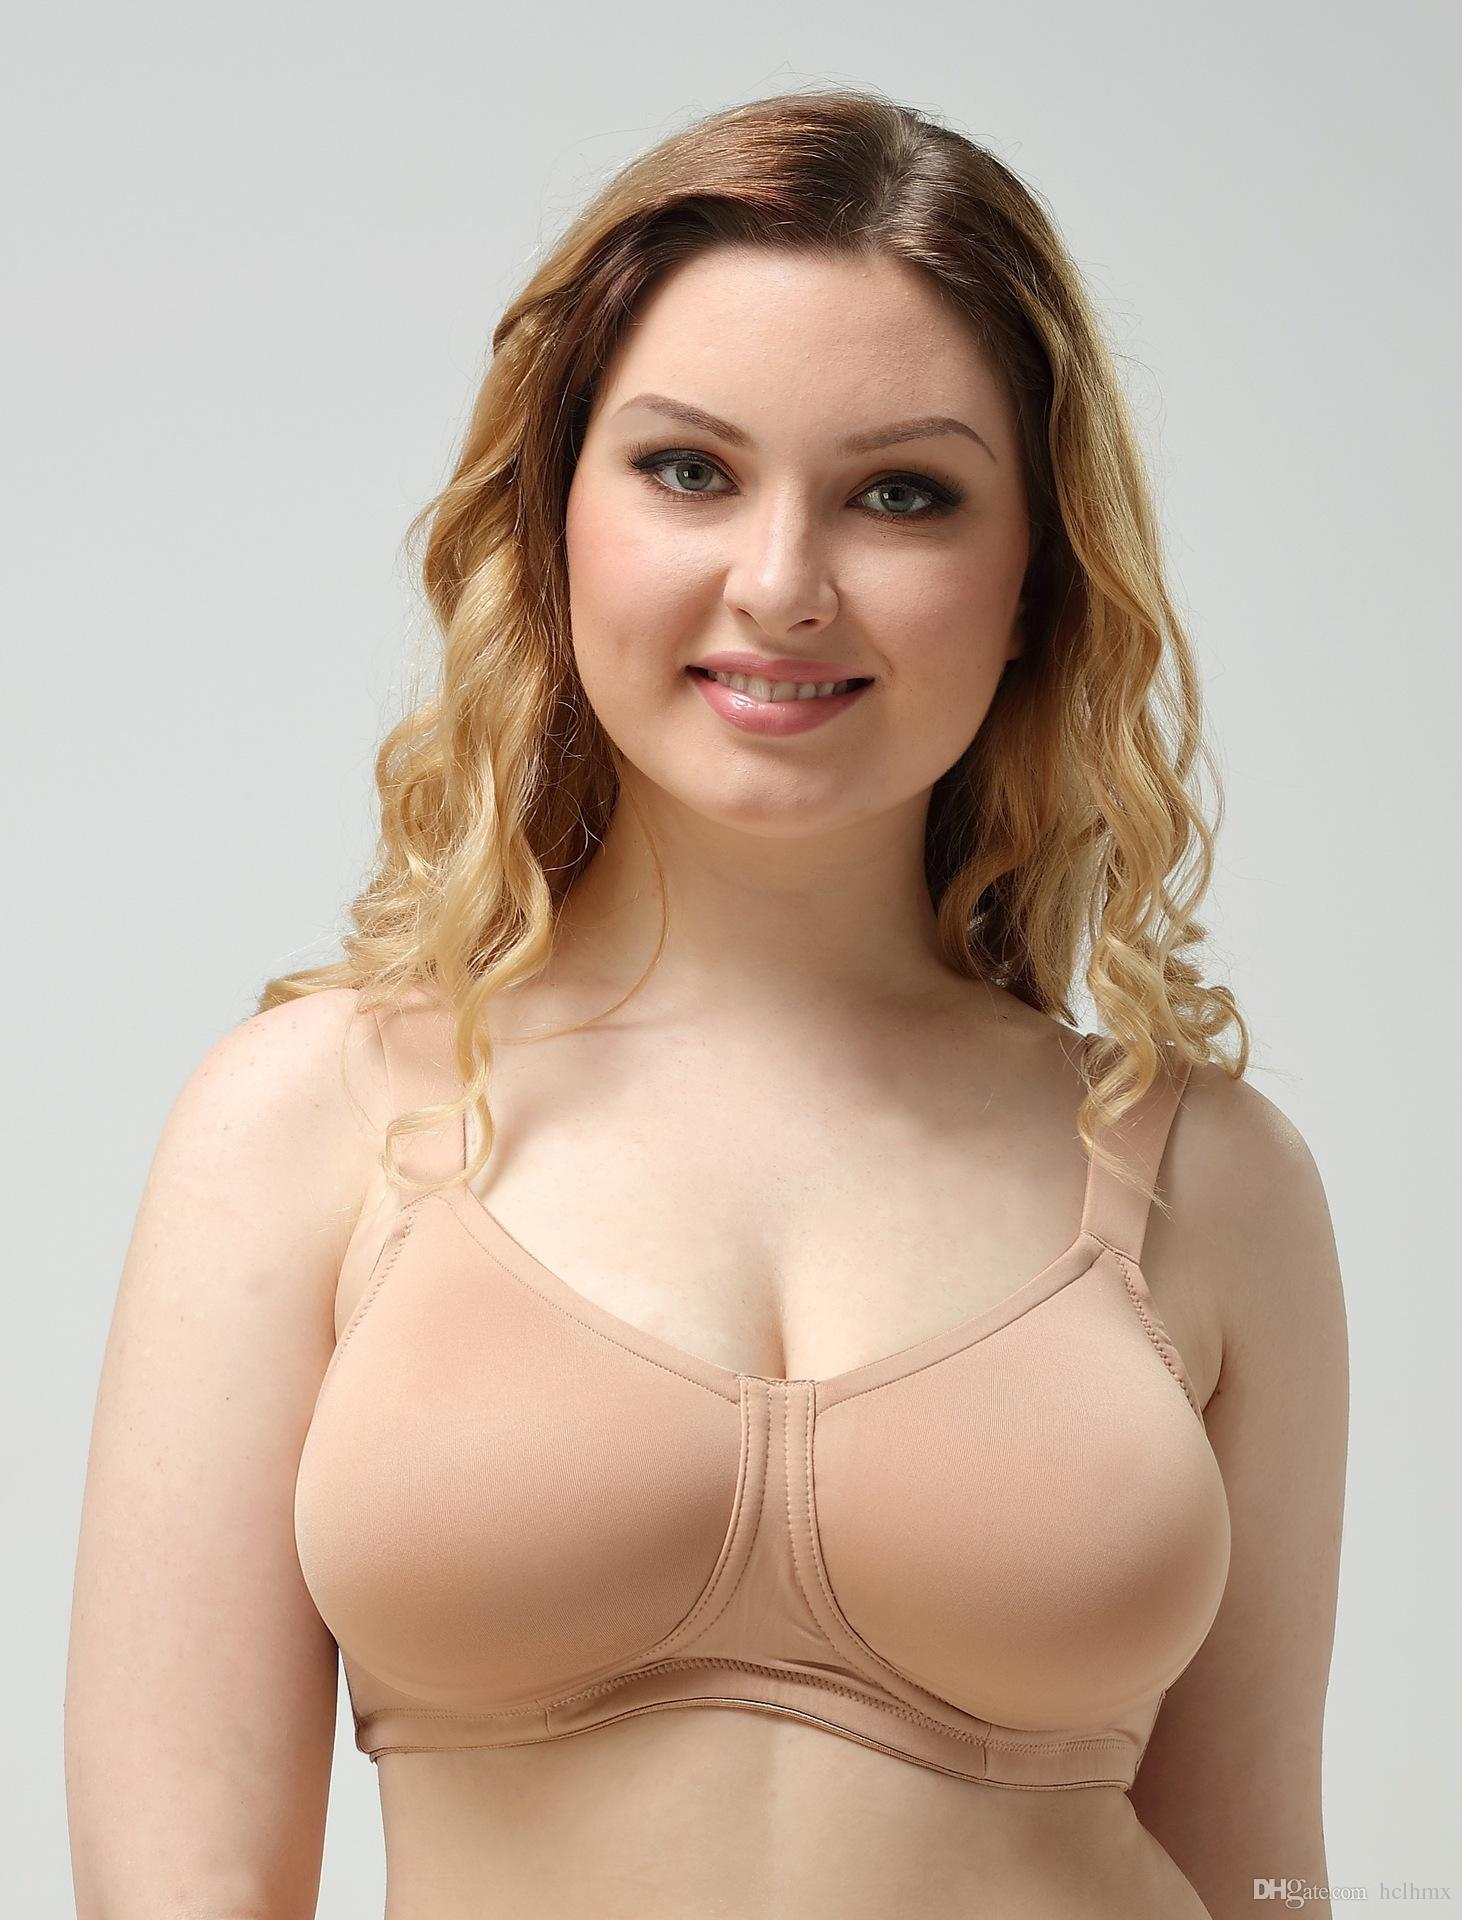 Big tits in bra porn